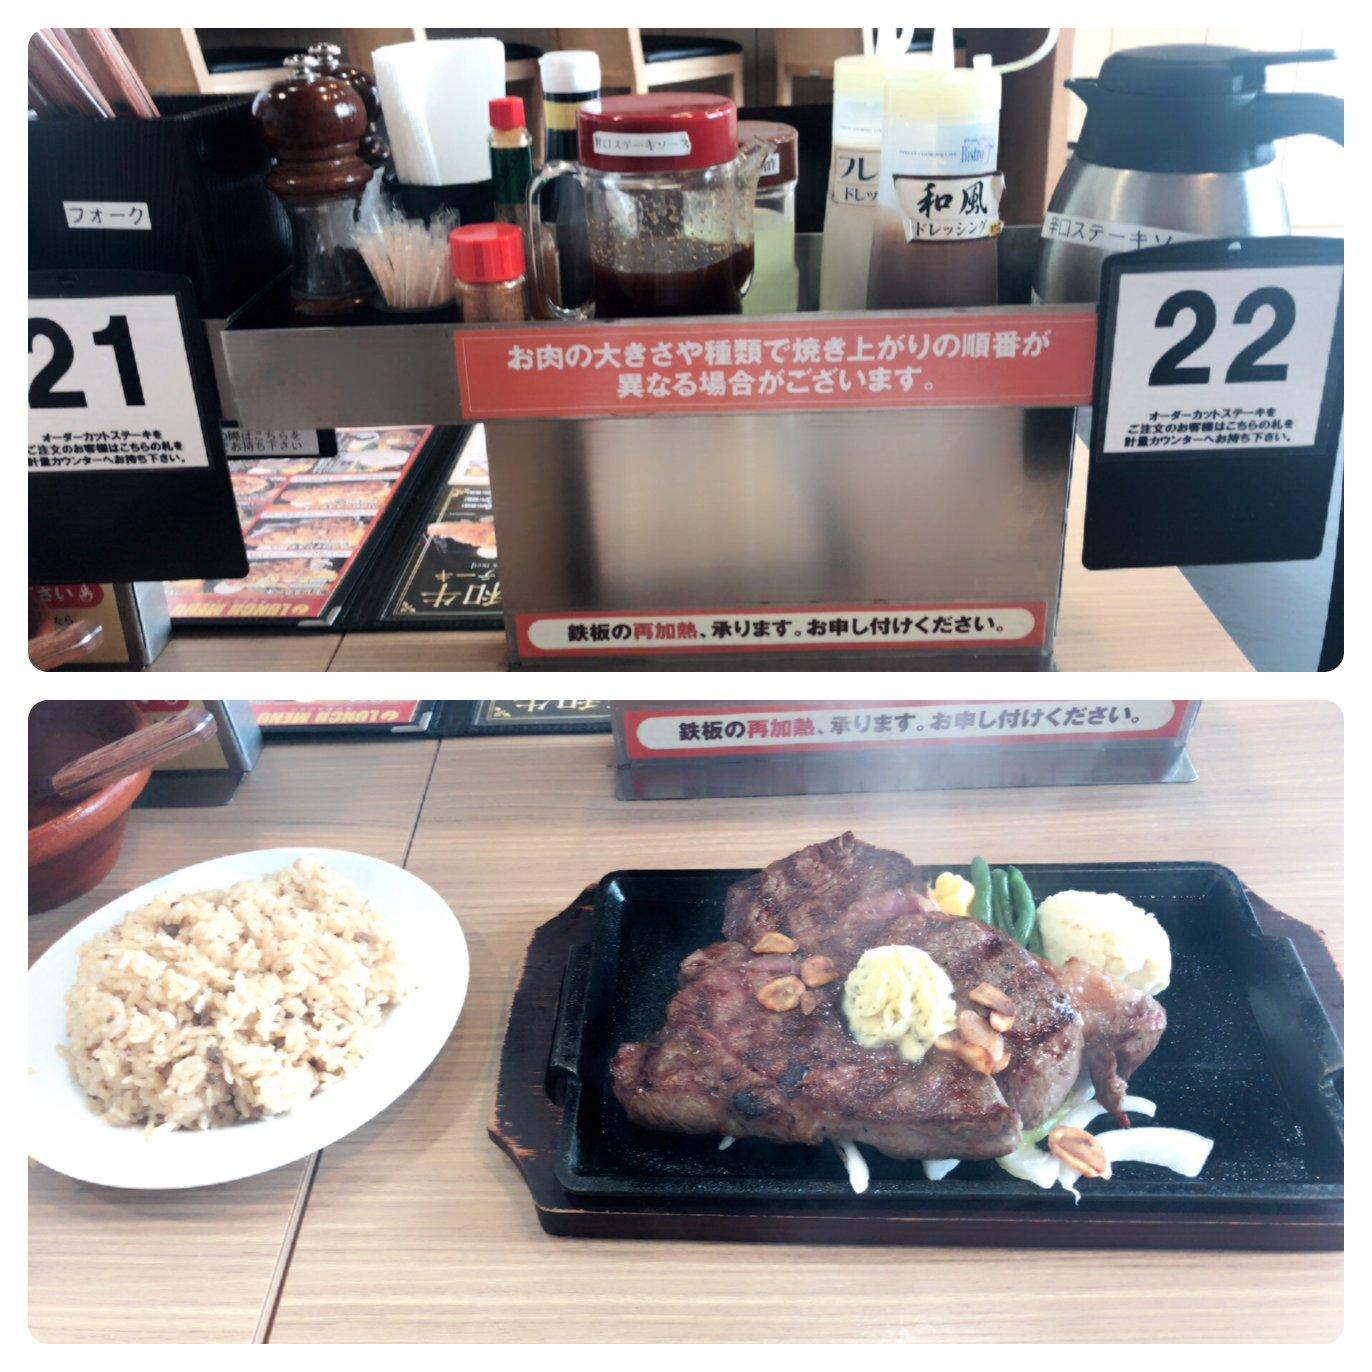 人妻さん日誌:いきなりステーキじゃ